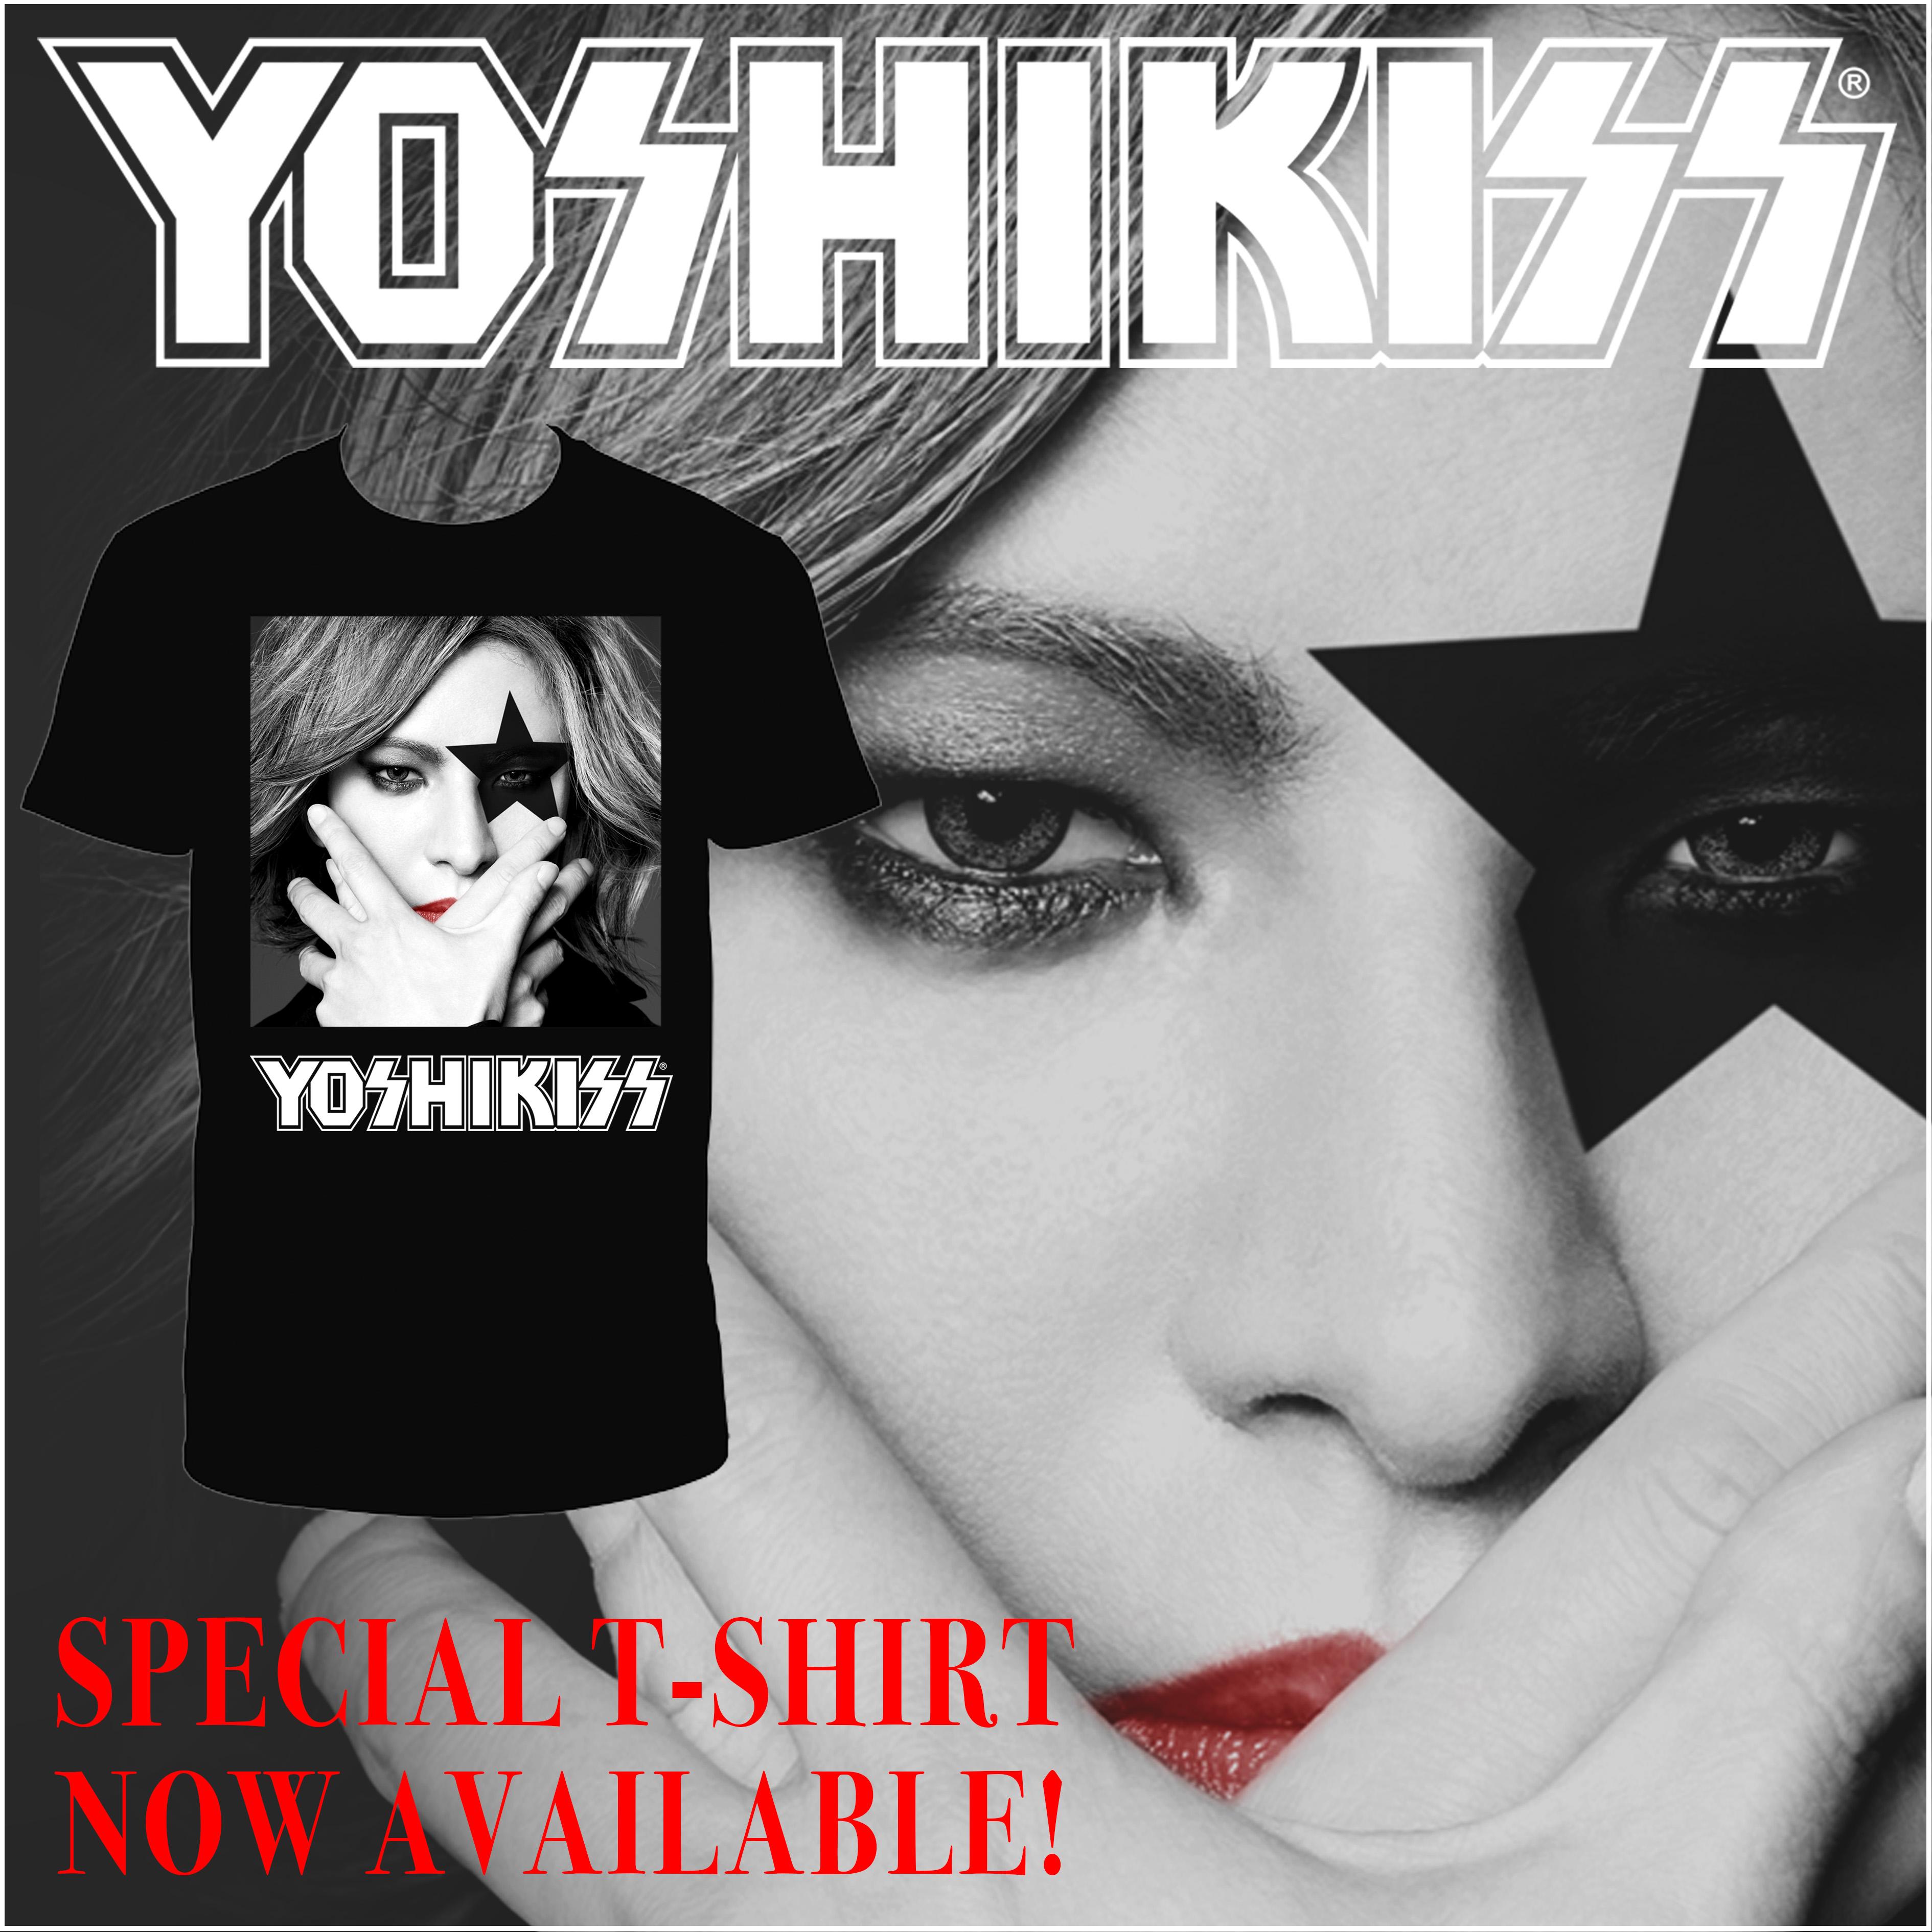 JRock247-Yoshiki-YOSHIKISS-T-Shirt-promo1